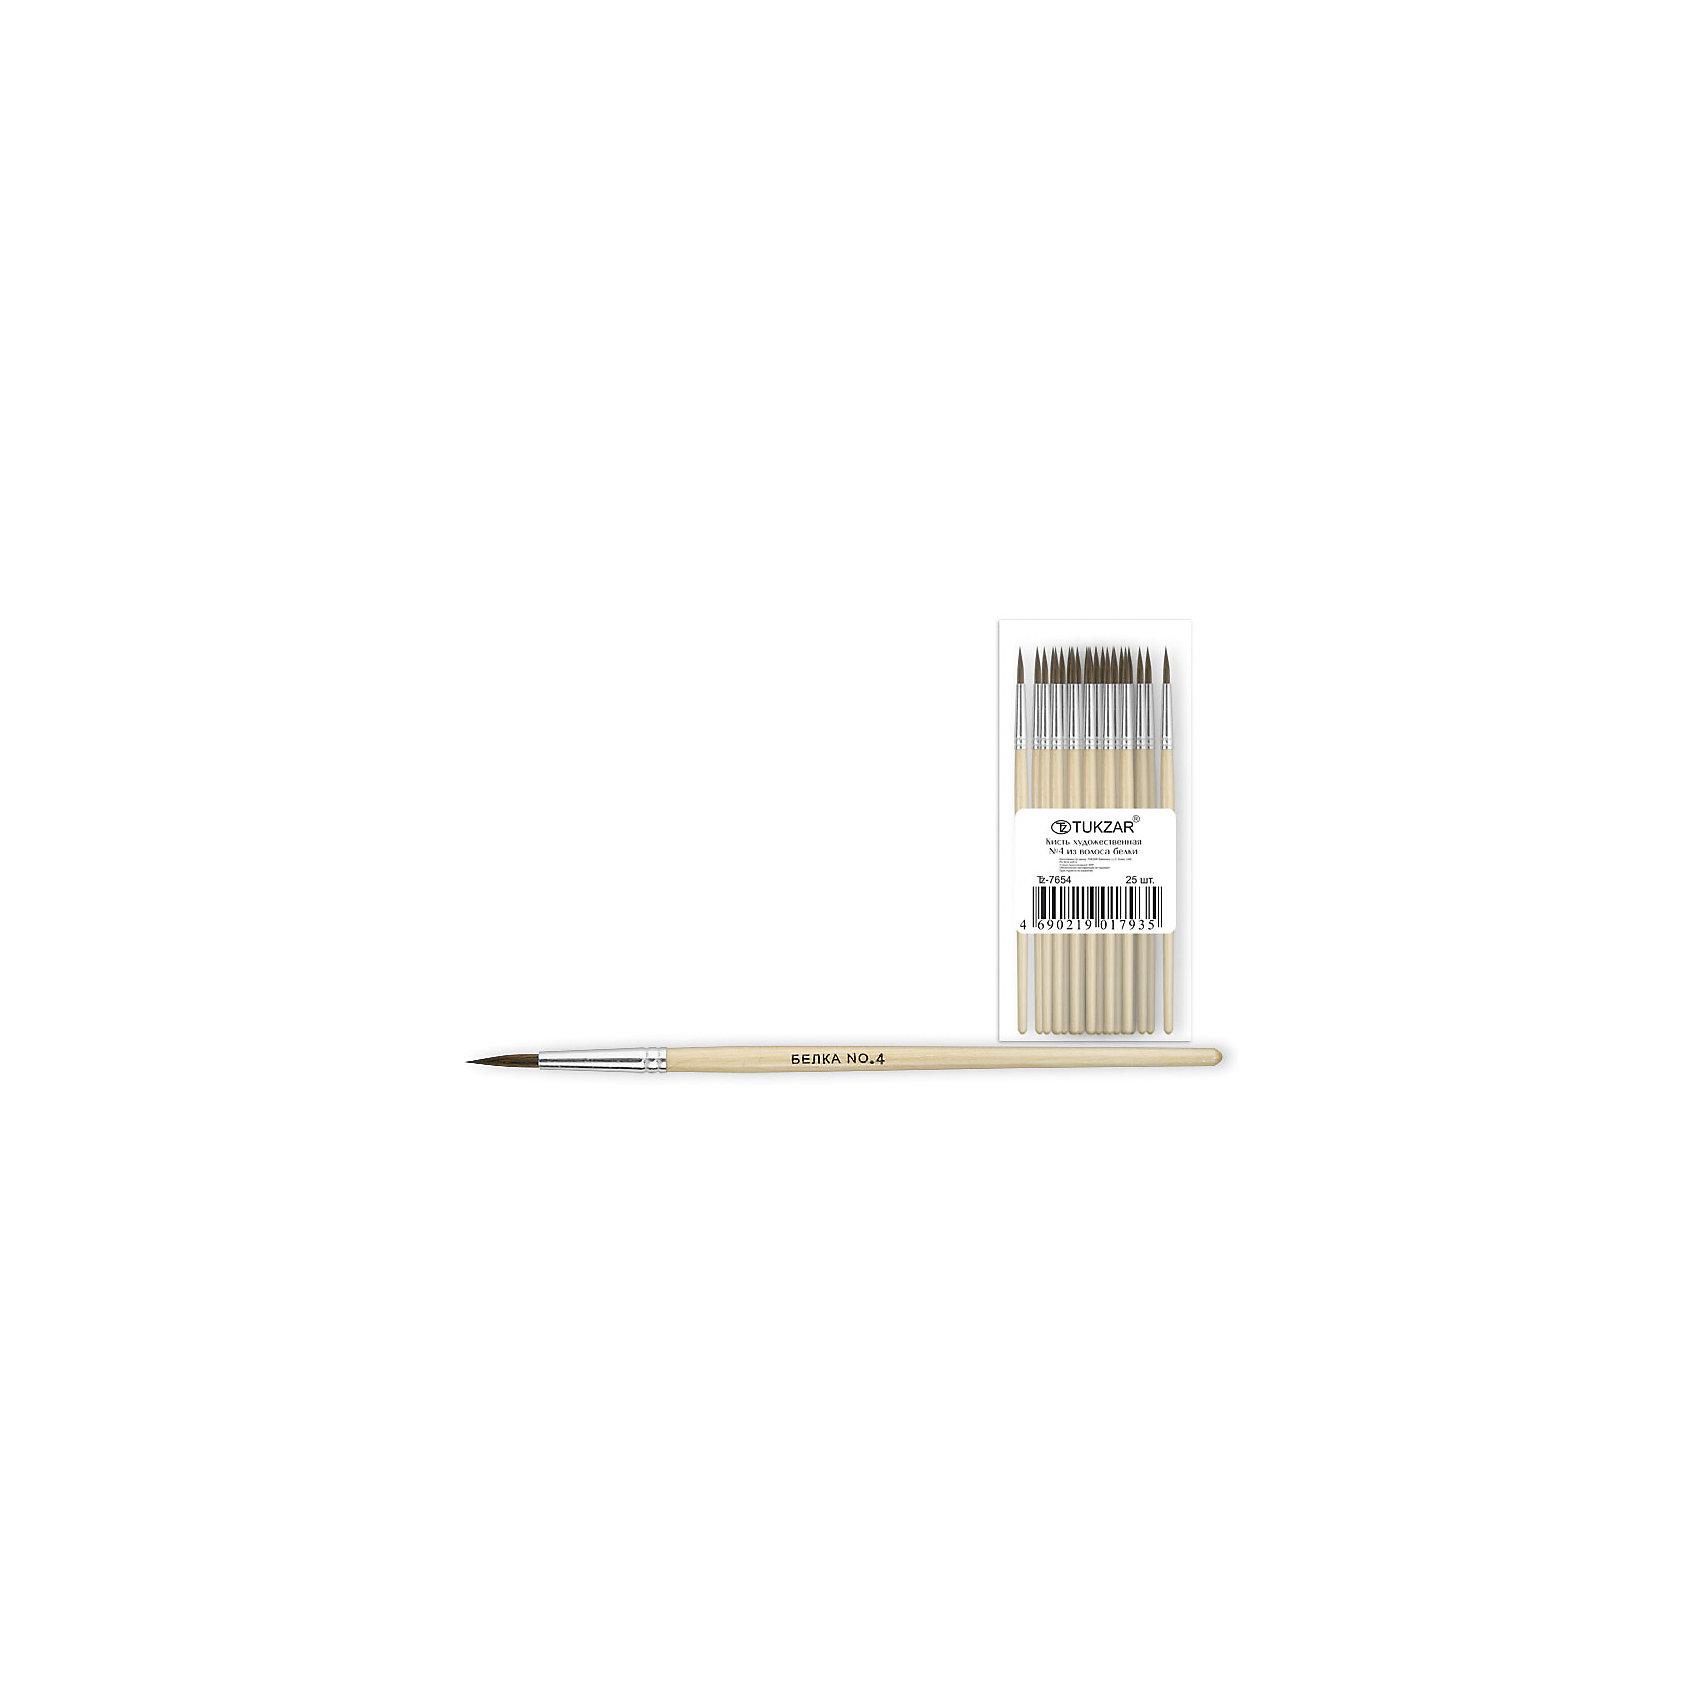 Кисть №4 (белка)Последняя цена<br>Кисть оптимально подходит для рисования акварелью и гуашью: она мягкие, хорошо впитывают краску и отлично держит форму. Имеет удобную деревянную ручку и безопасную алюминиевую обойму. <br>Рисование - неотъемлемая часть гармоничного развития личности ребенка, в процессе которого воспитывается эстетическое восприятие и вкус, тренируется моторика, развивается цветовосприятие и фантазия.  <br><br><br>Дополнительная информация:<br><br>- Материал: дерево, металл, ворс белки.<br>- Форма кисти: круглая.<br>- Размер: №4<br><br>Кисть №4 (белка) можно купить в нашем магазине.<br><br>Ширина мм: 150<br>Глубина мм: 10<br>Высота мм: 10<br>Вес г: 4<br>Возраст от месяцев: 36<br>Возраст до месяцев: 120<br>Пол: Унисекс<br>Возраст: Детский<br>SKU: 4558527